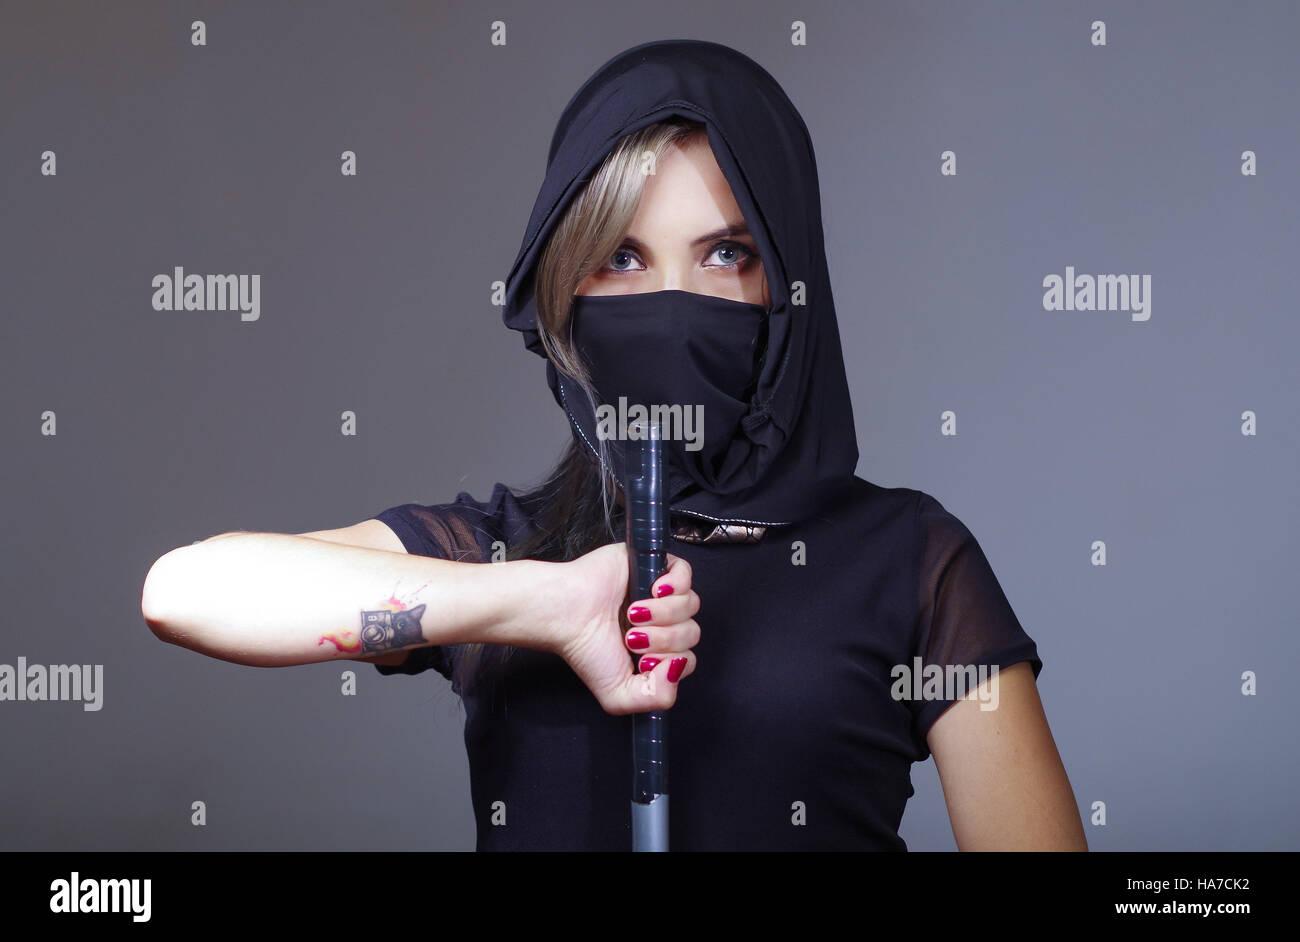 Mujer vestida de negro y con velo